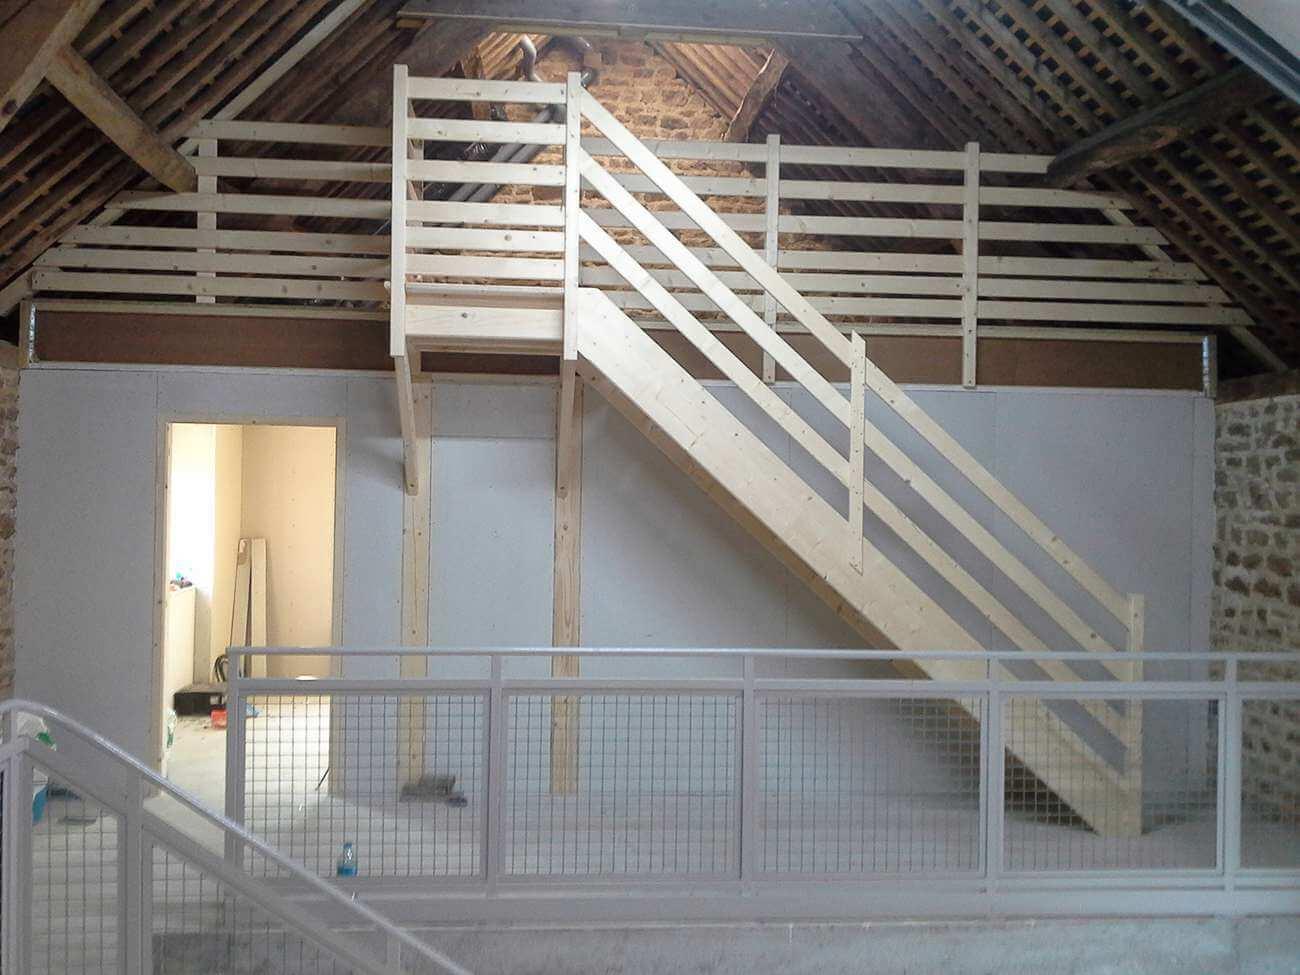 pose d 39 une escalier en bois dans une maison. Black Bedroom Furniture Sets. Home Design Ideas